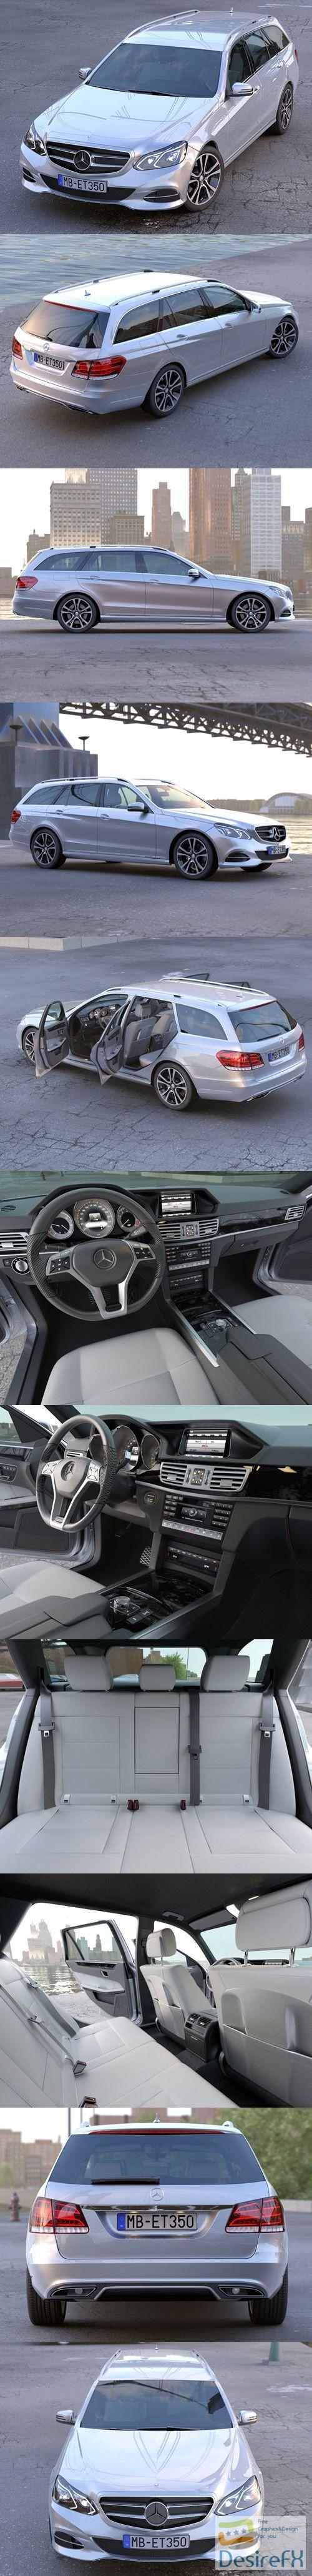 3d-models - Mercedes Benz E class T model 2014 3D Model